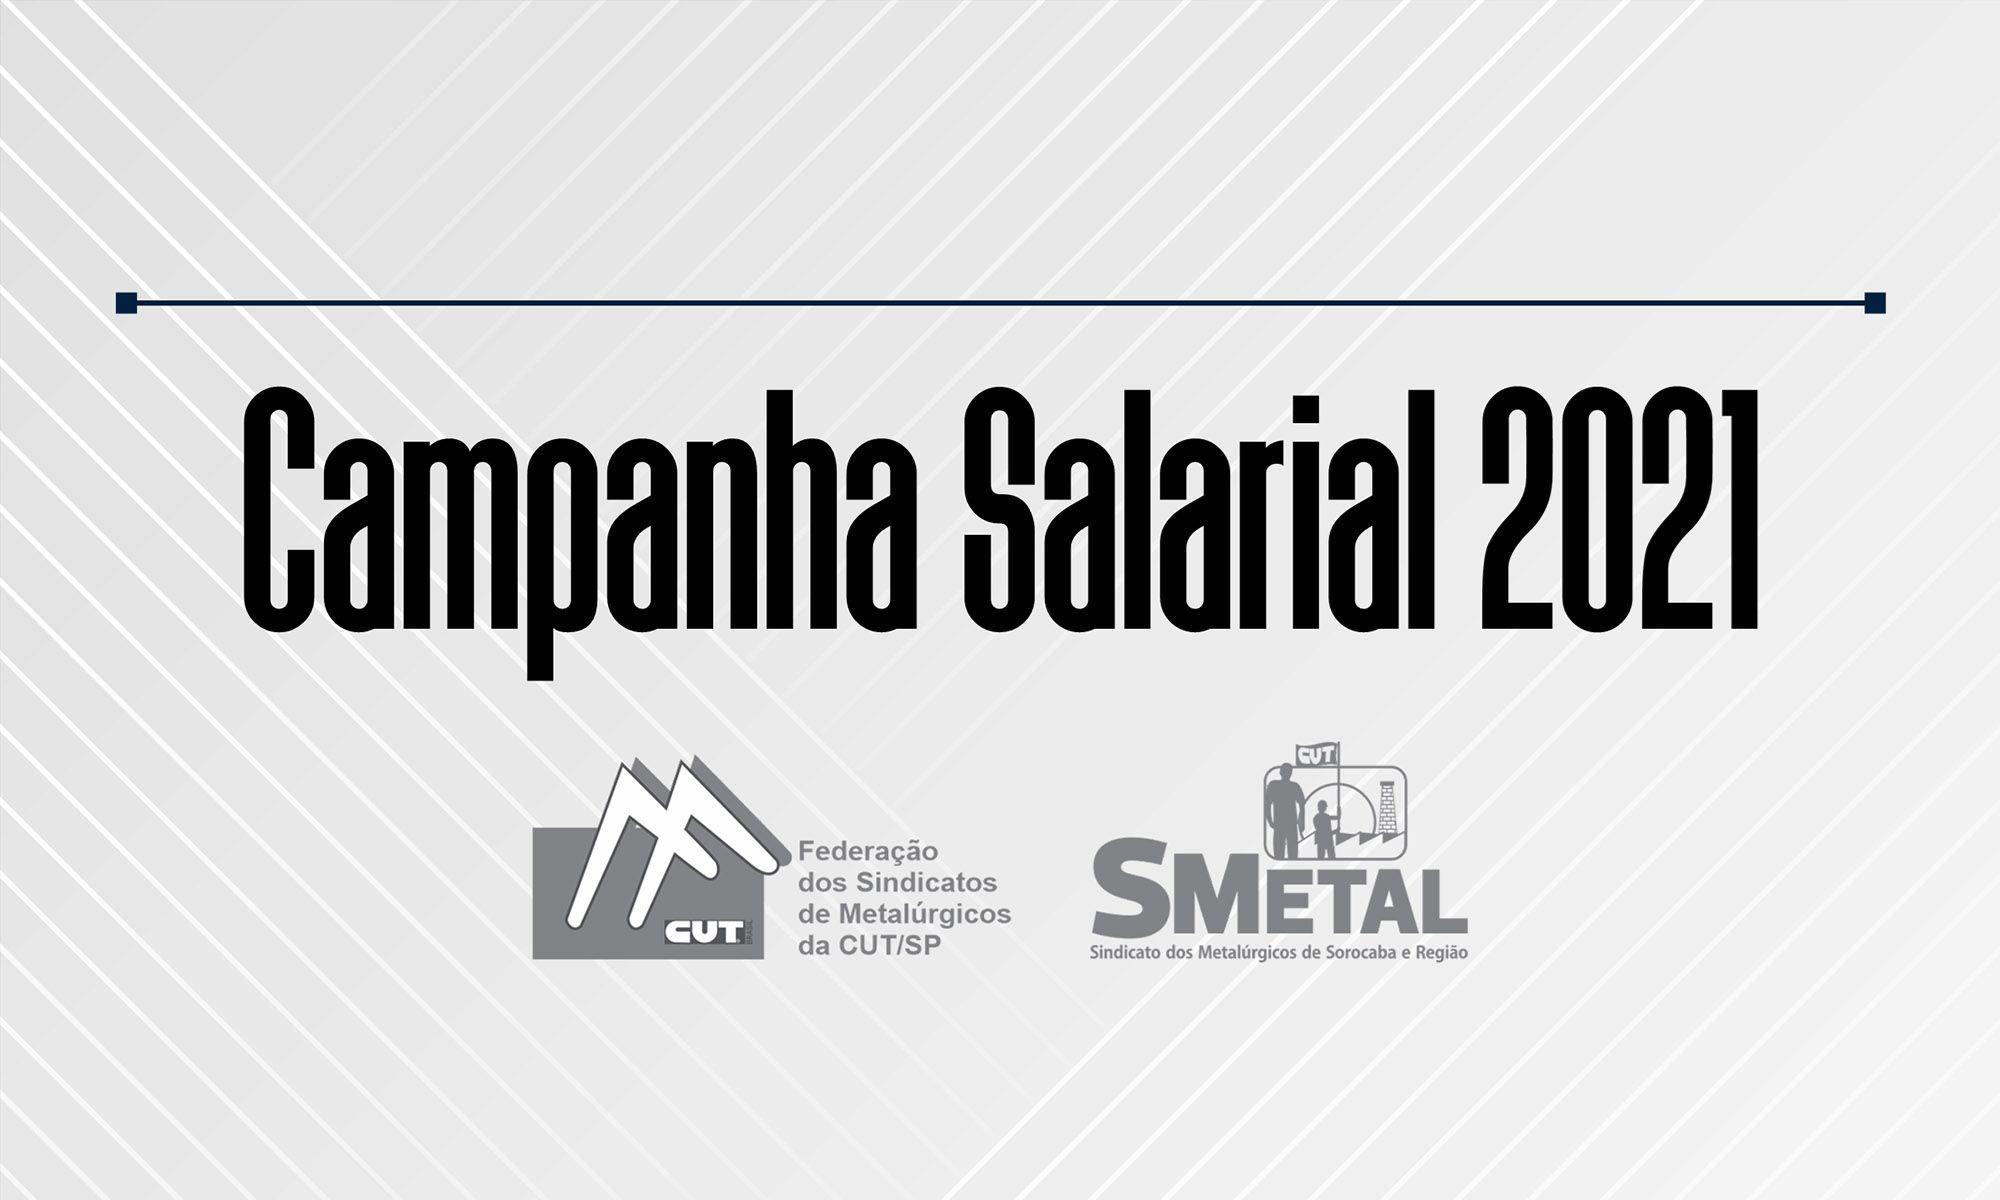 campanha, salarial, metalúrgico, Divulgação